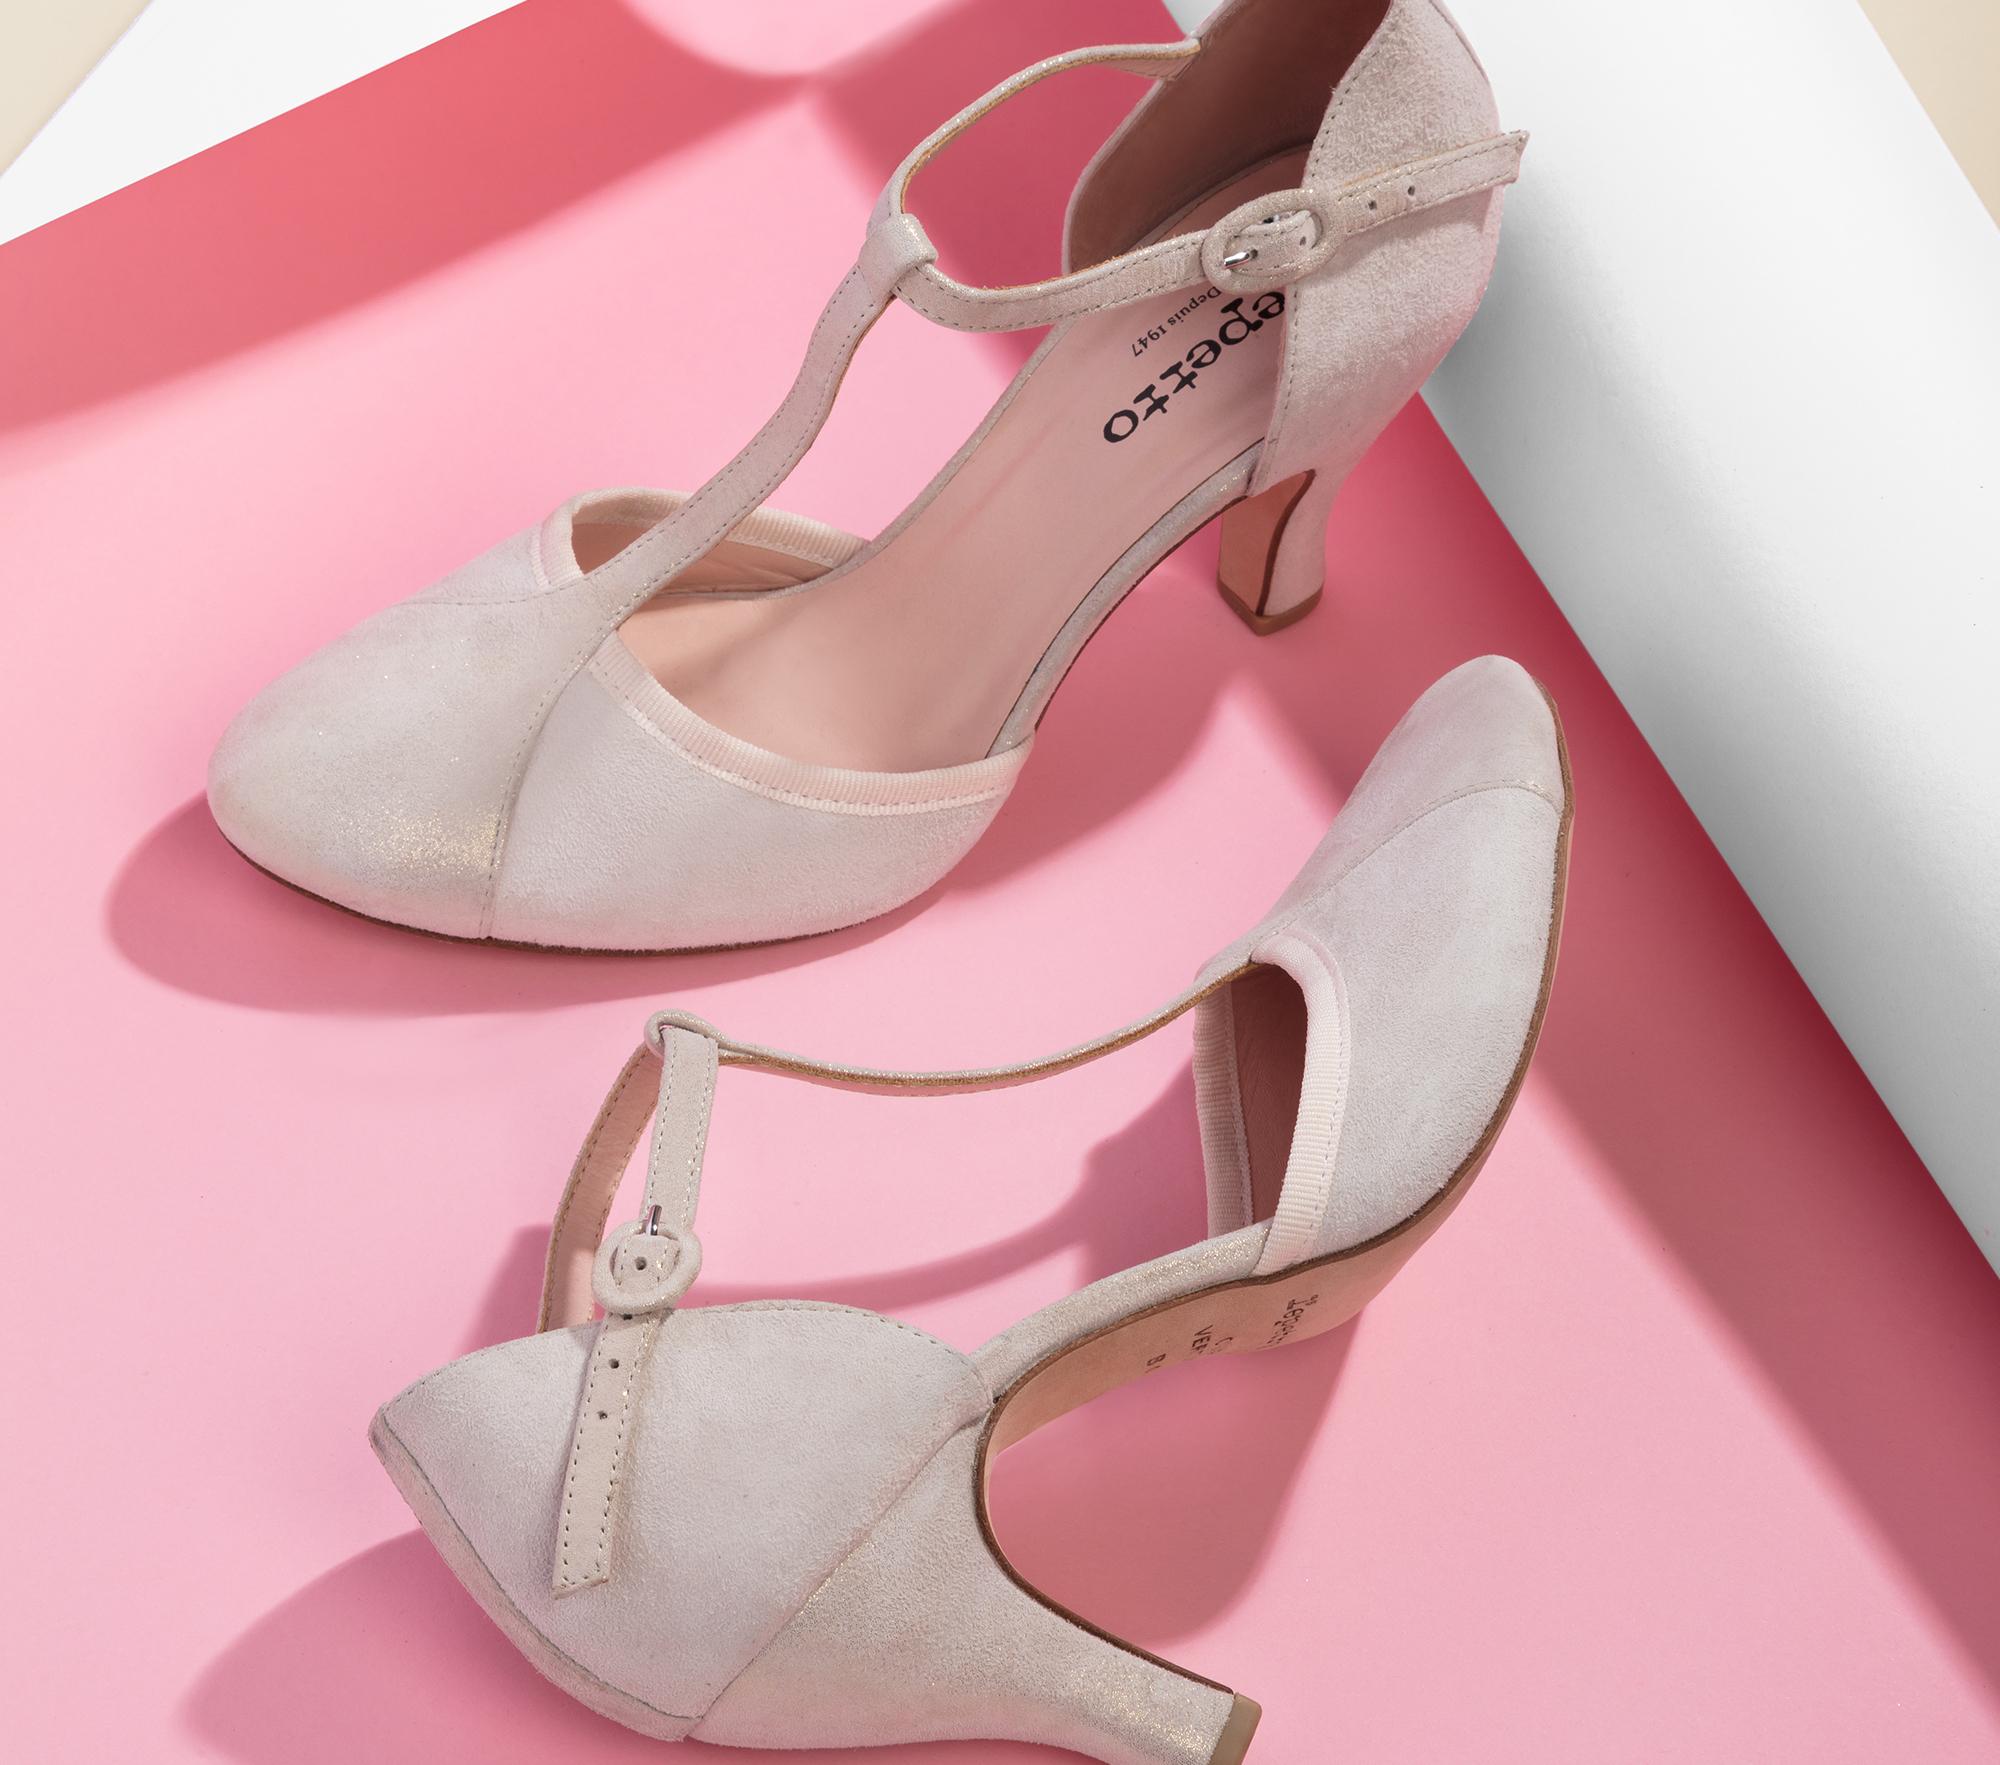 Baya T-strap shoe